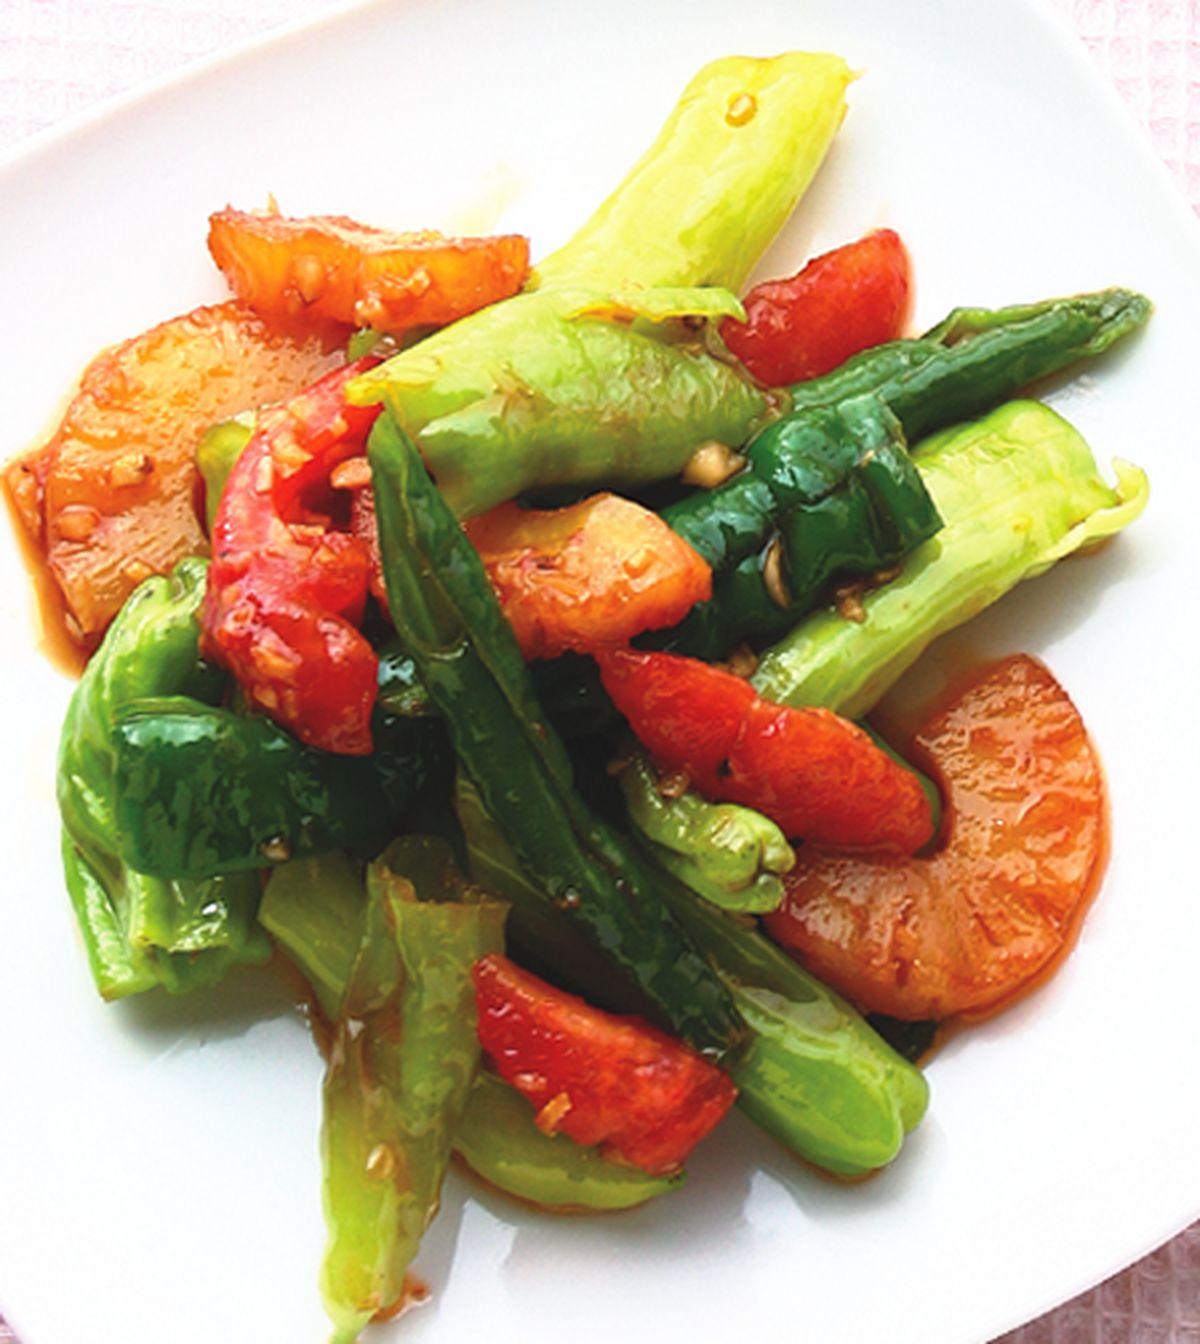 食譜:糖醋青甜辣椒